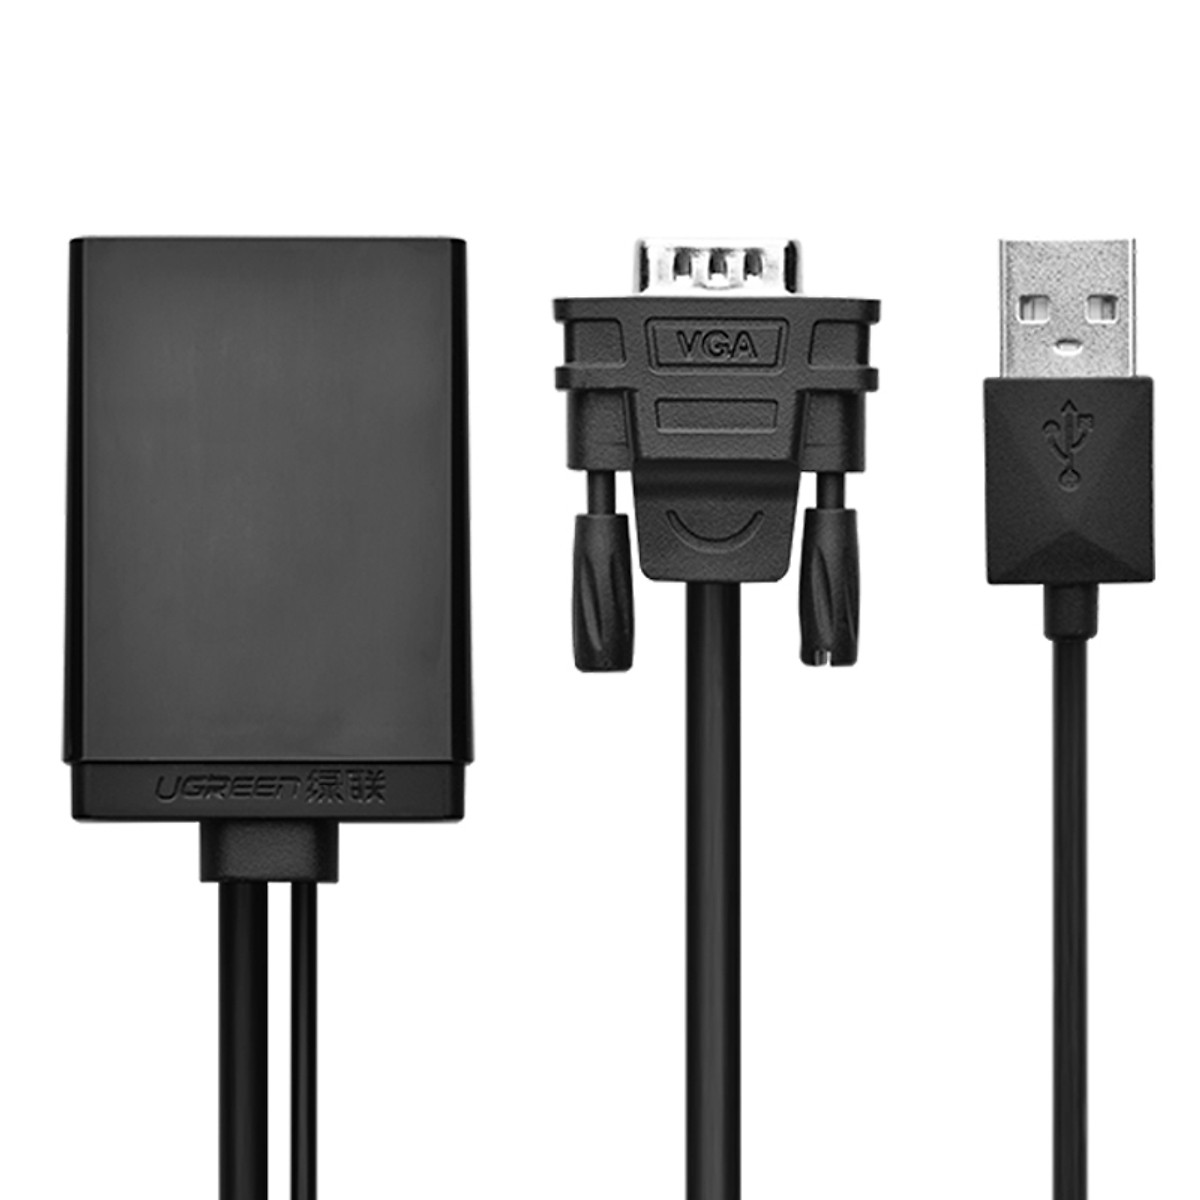 Bộ chuyển đổi tín hiệu VGA sang HDMI có Audio UGREEN 040213 (VGA to HDMI , Audio) - Hàng Chính Hãng